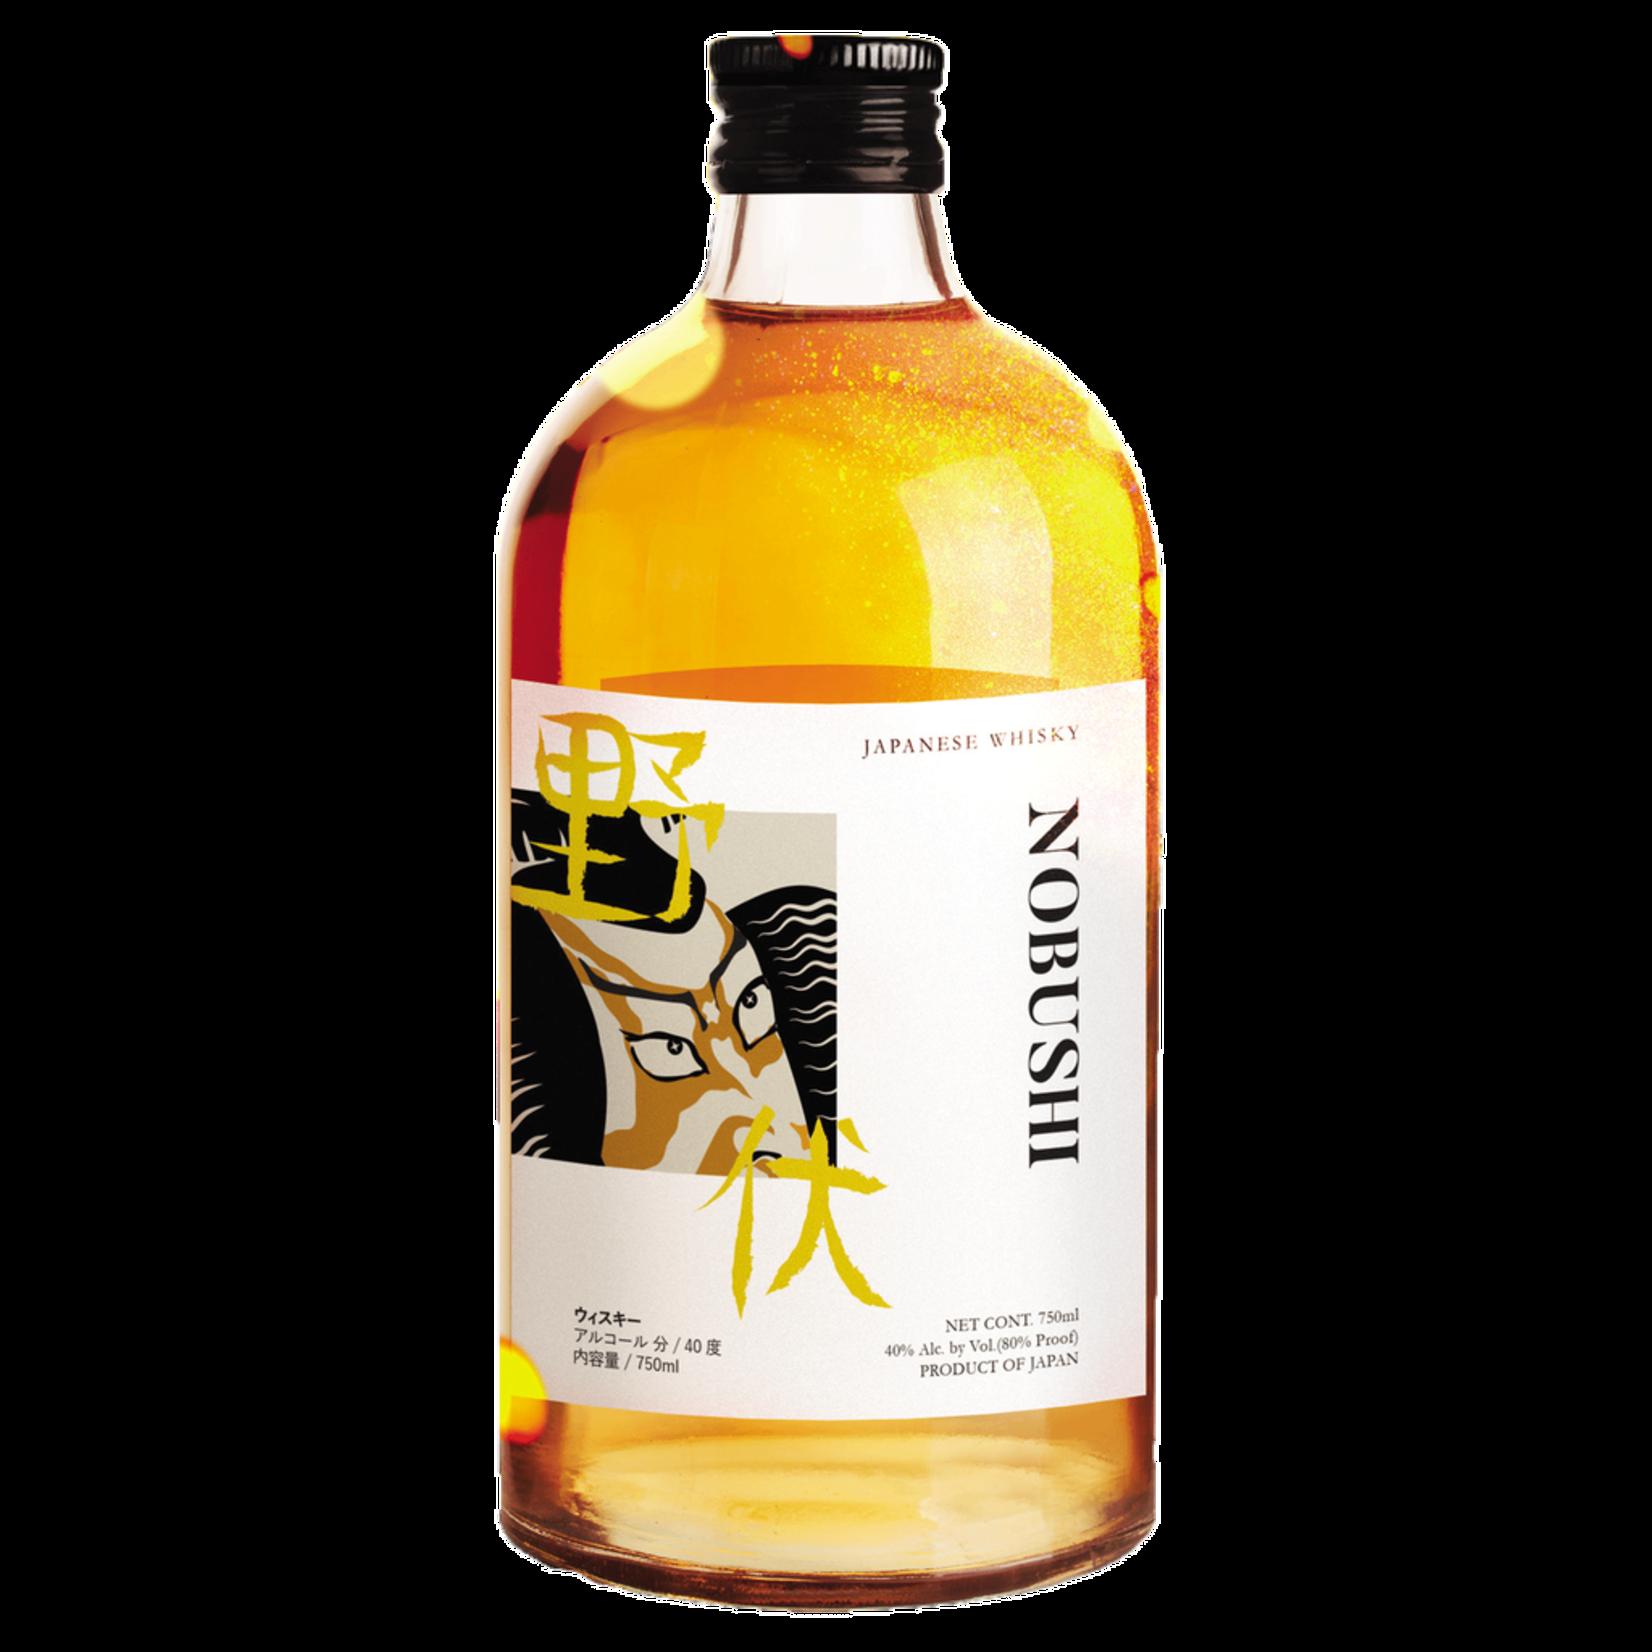 Nobushi Japanese Whisky